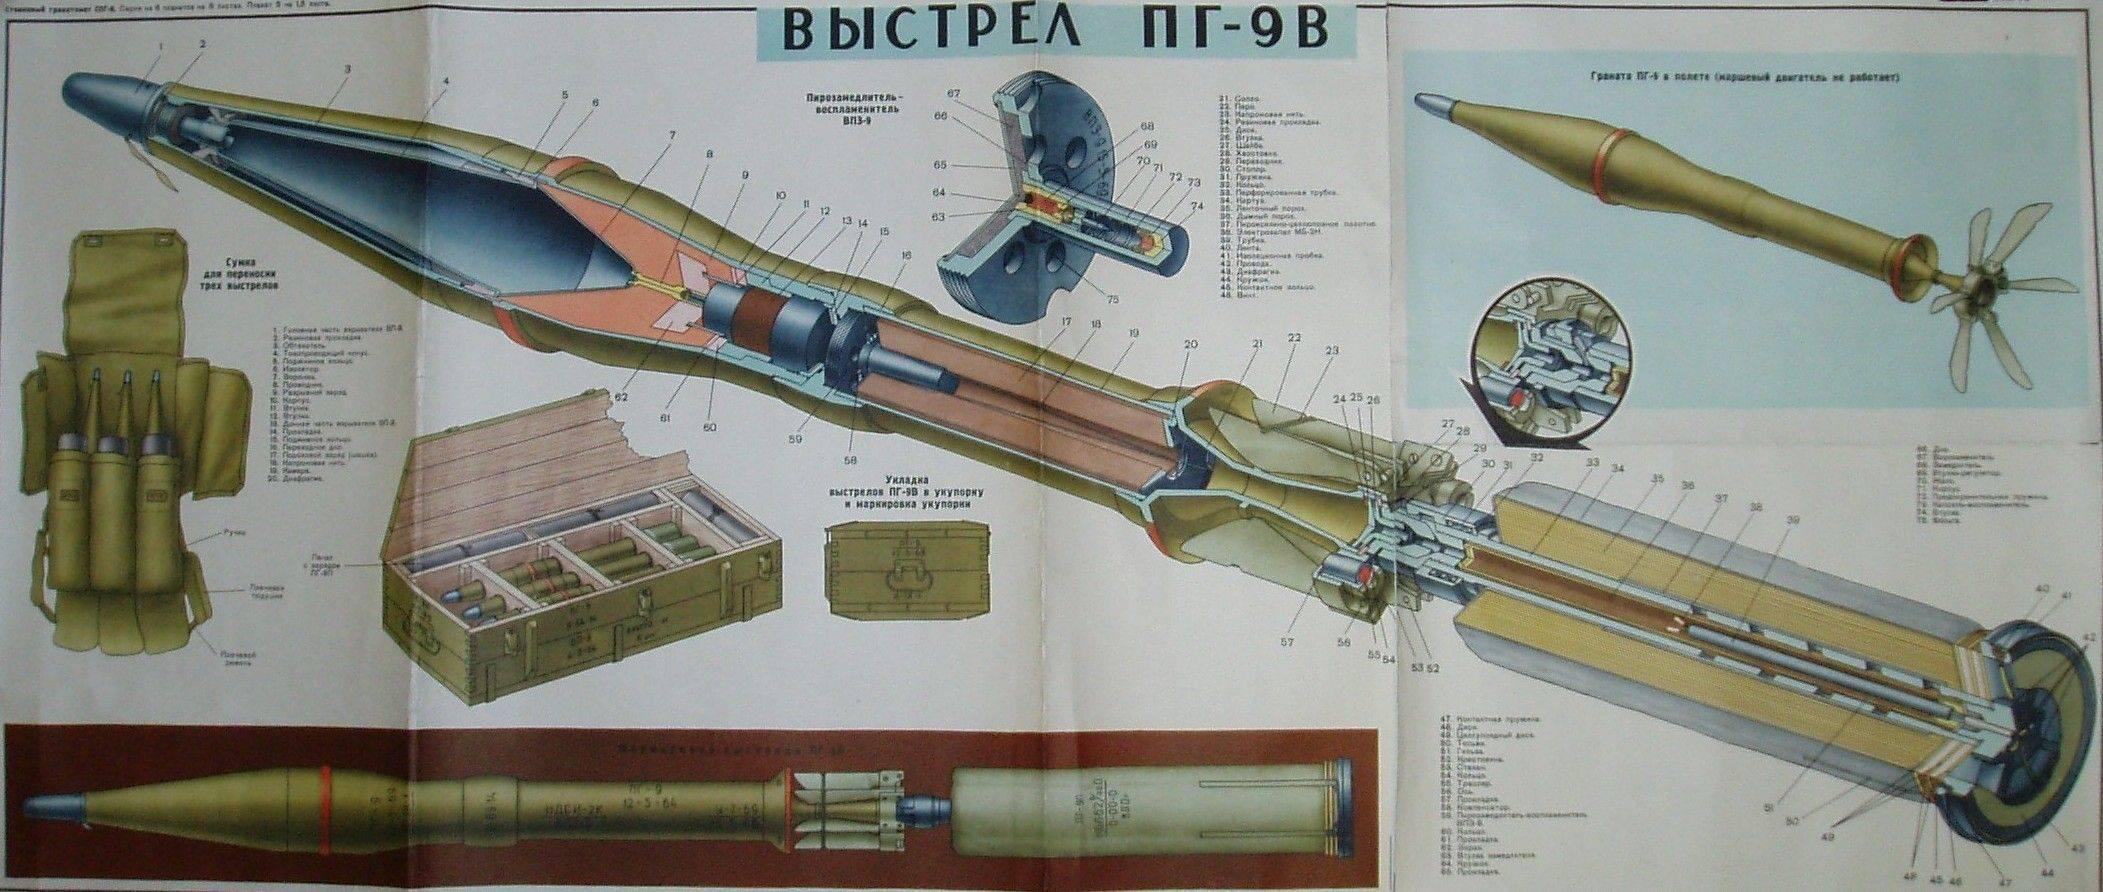 Ручной противотанковый гранатомет рпг-16: история создания, описание и характеристики